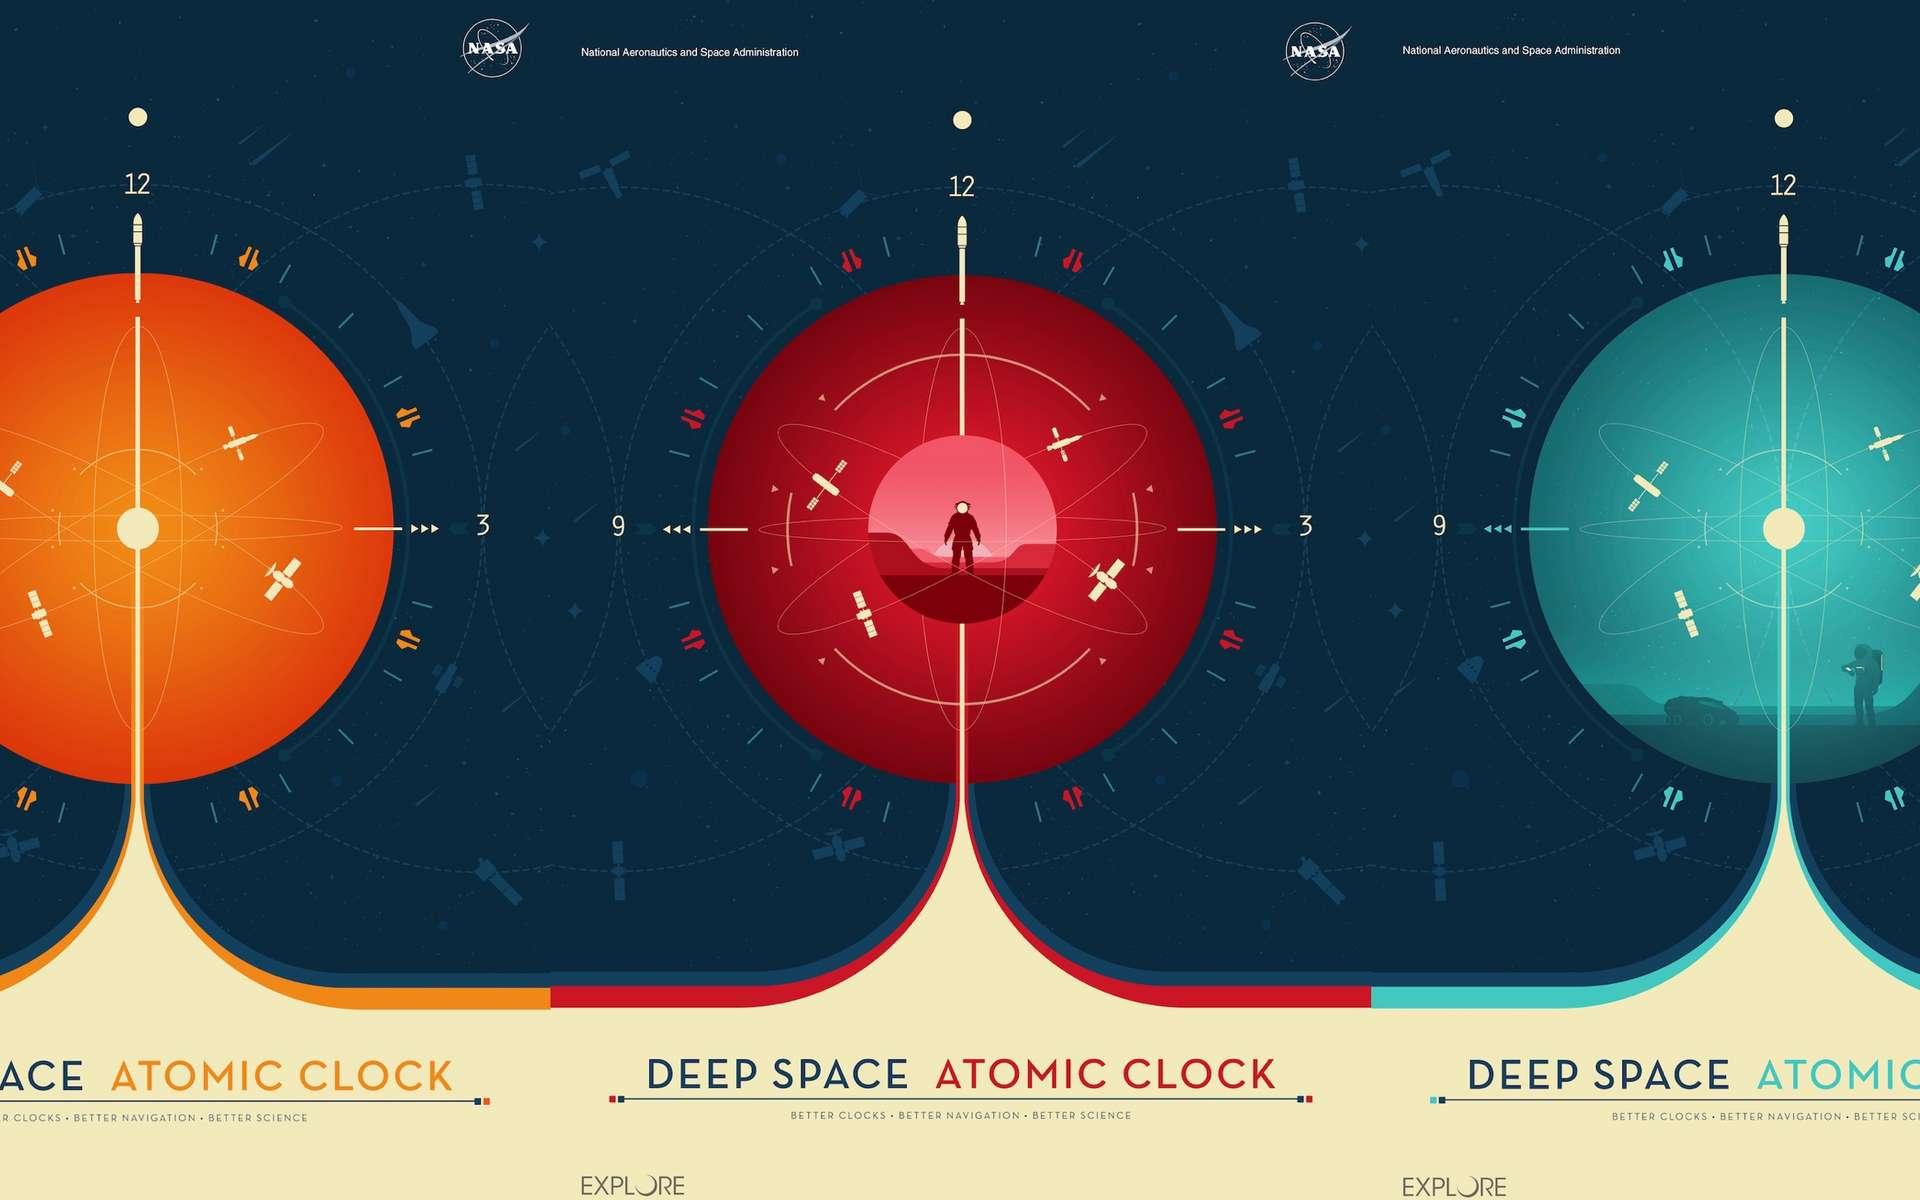 La Deep Space Atomic Clock est l'horloge atomique spatiale la plus précise jamais lancée. © Jet Propulsion Laboratory